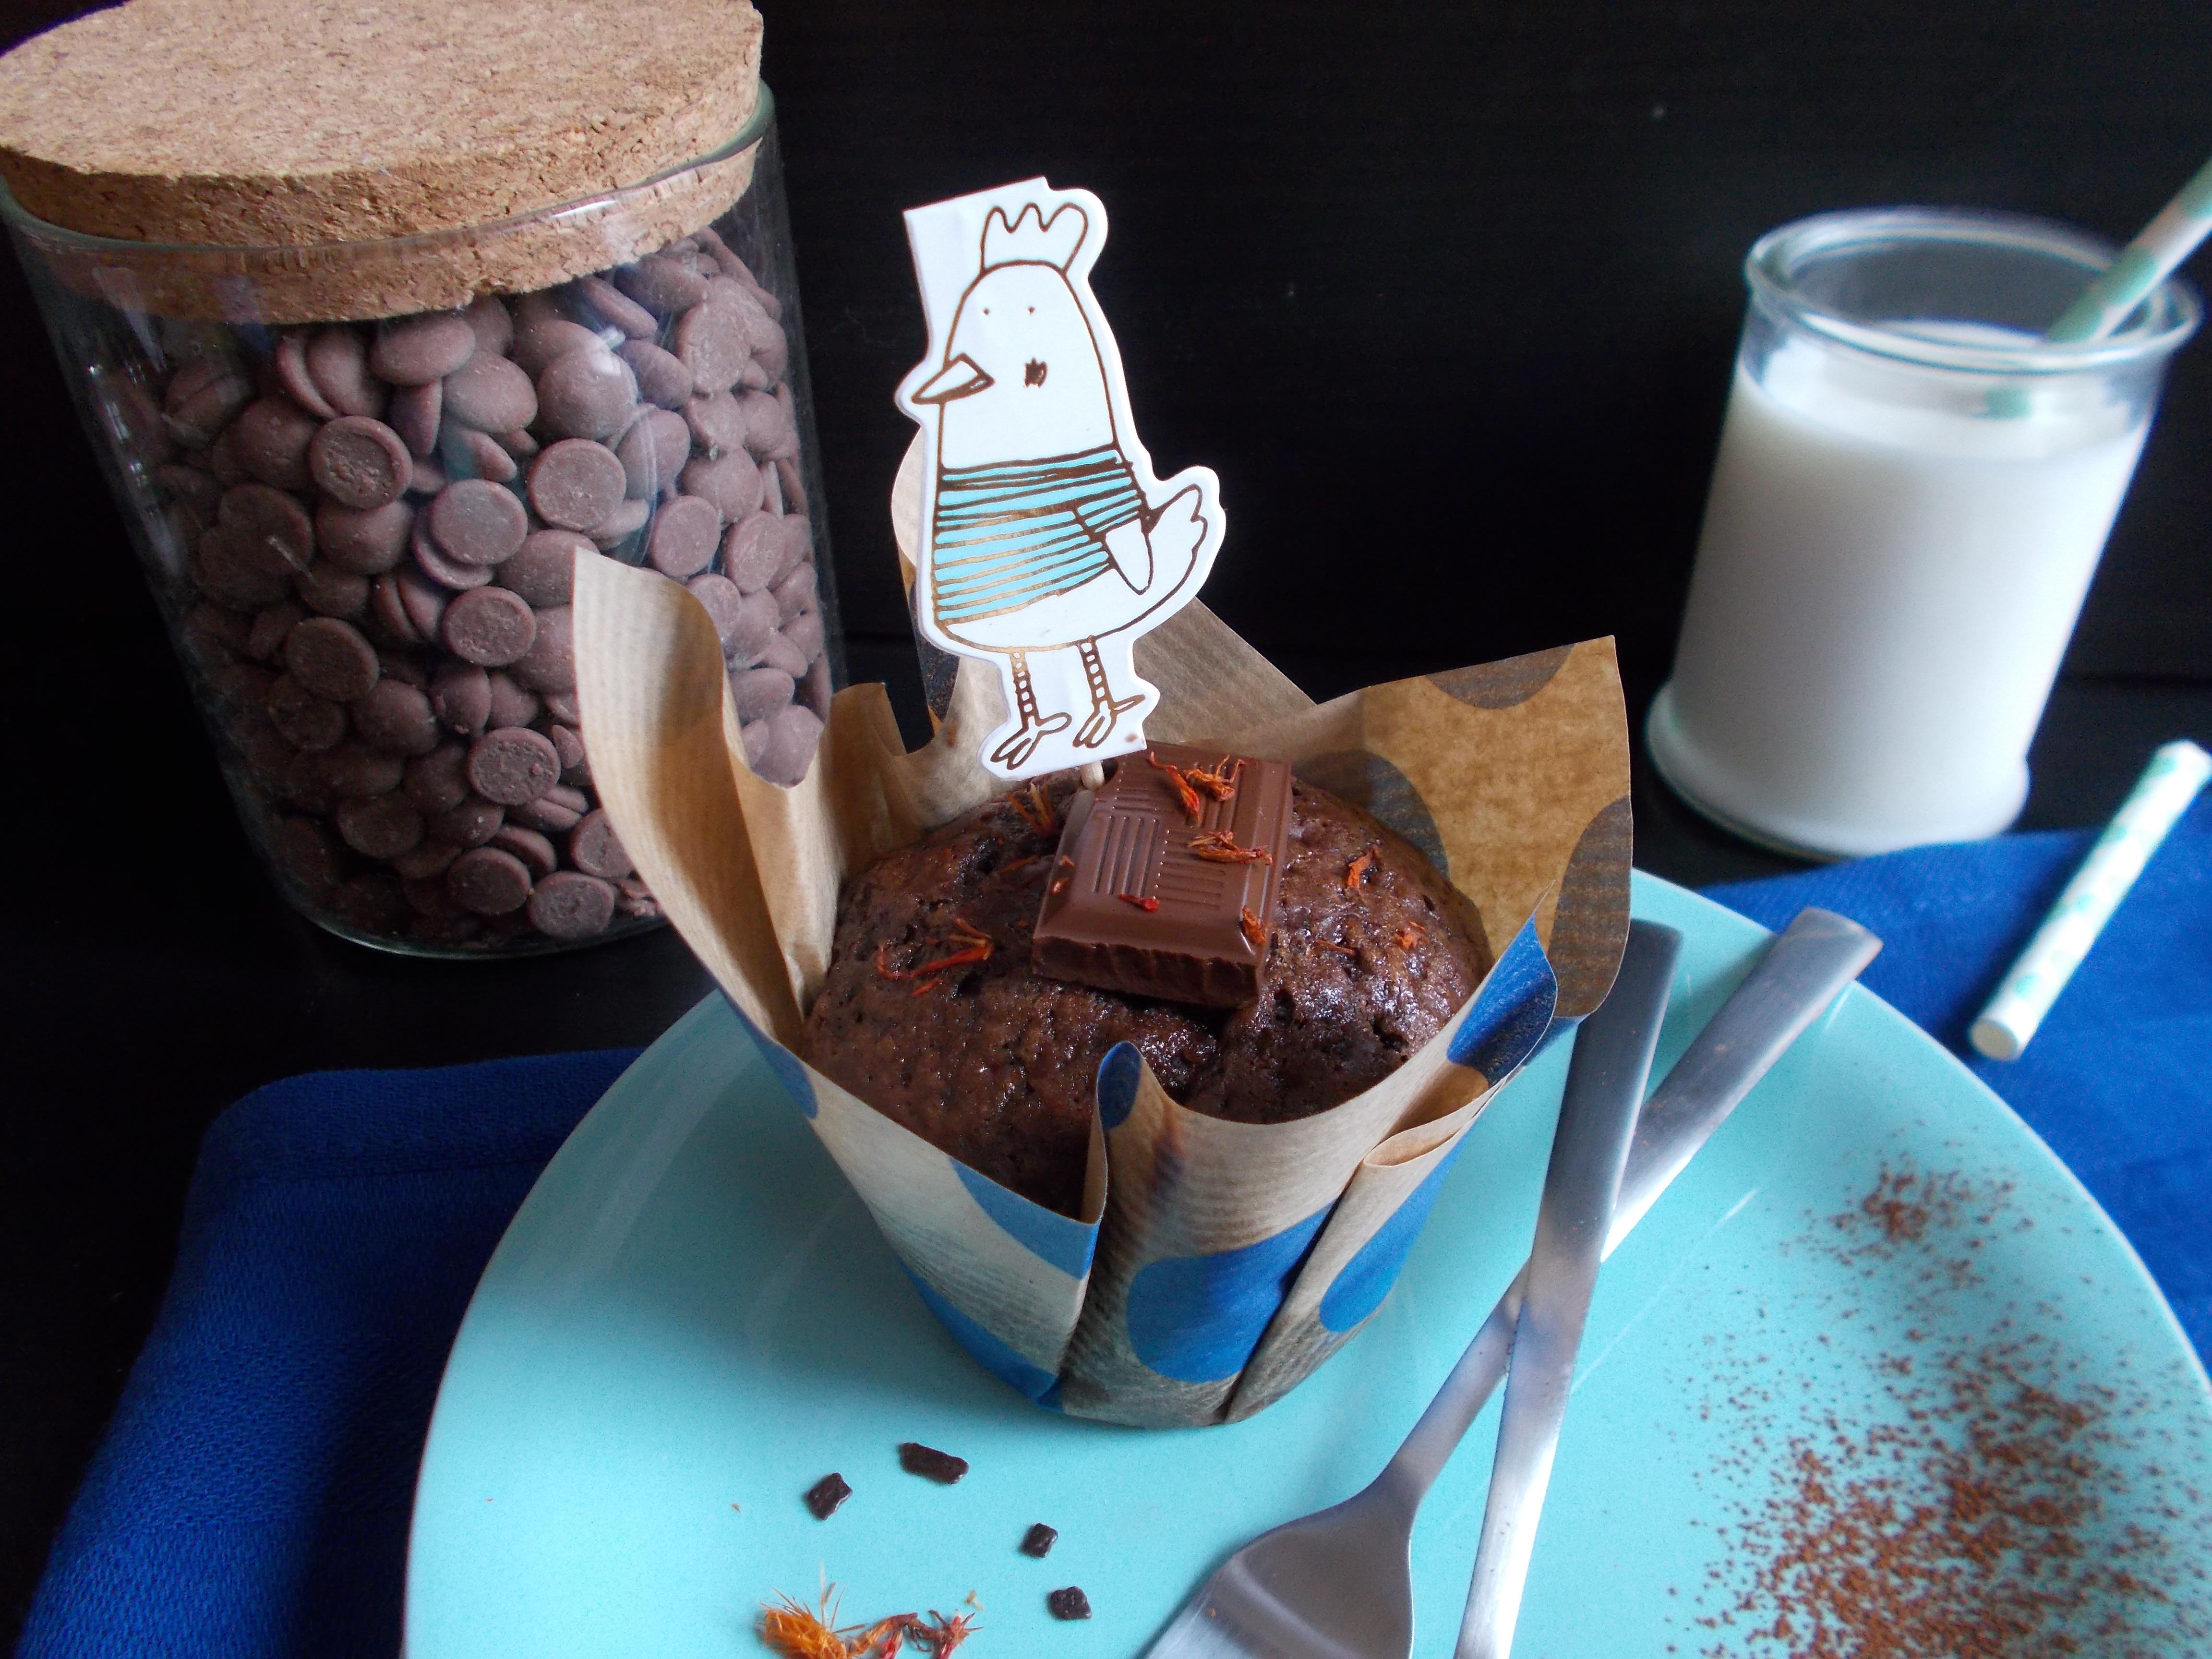 Muffin au chocolat et piment d'Espelette